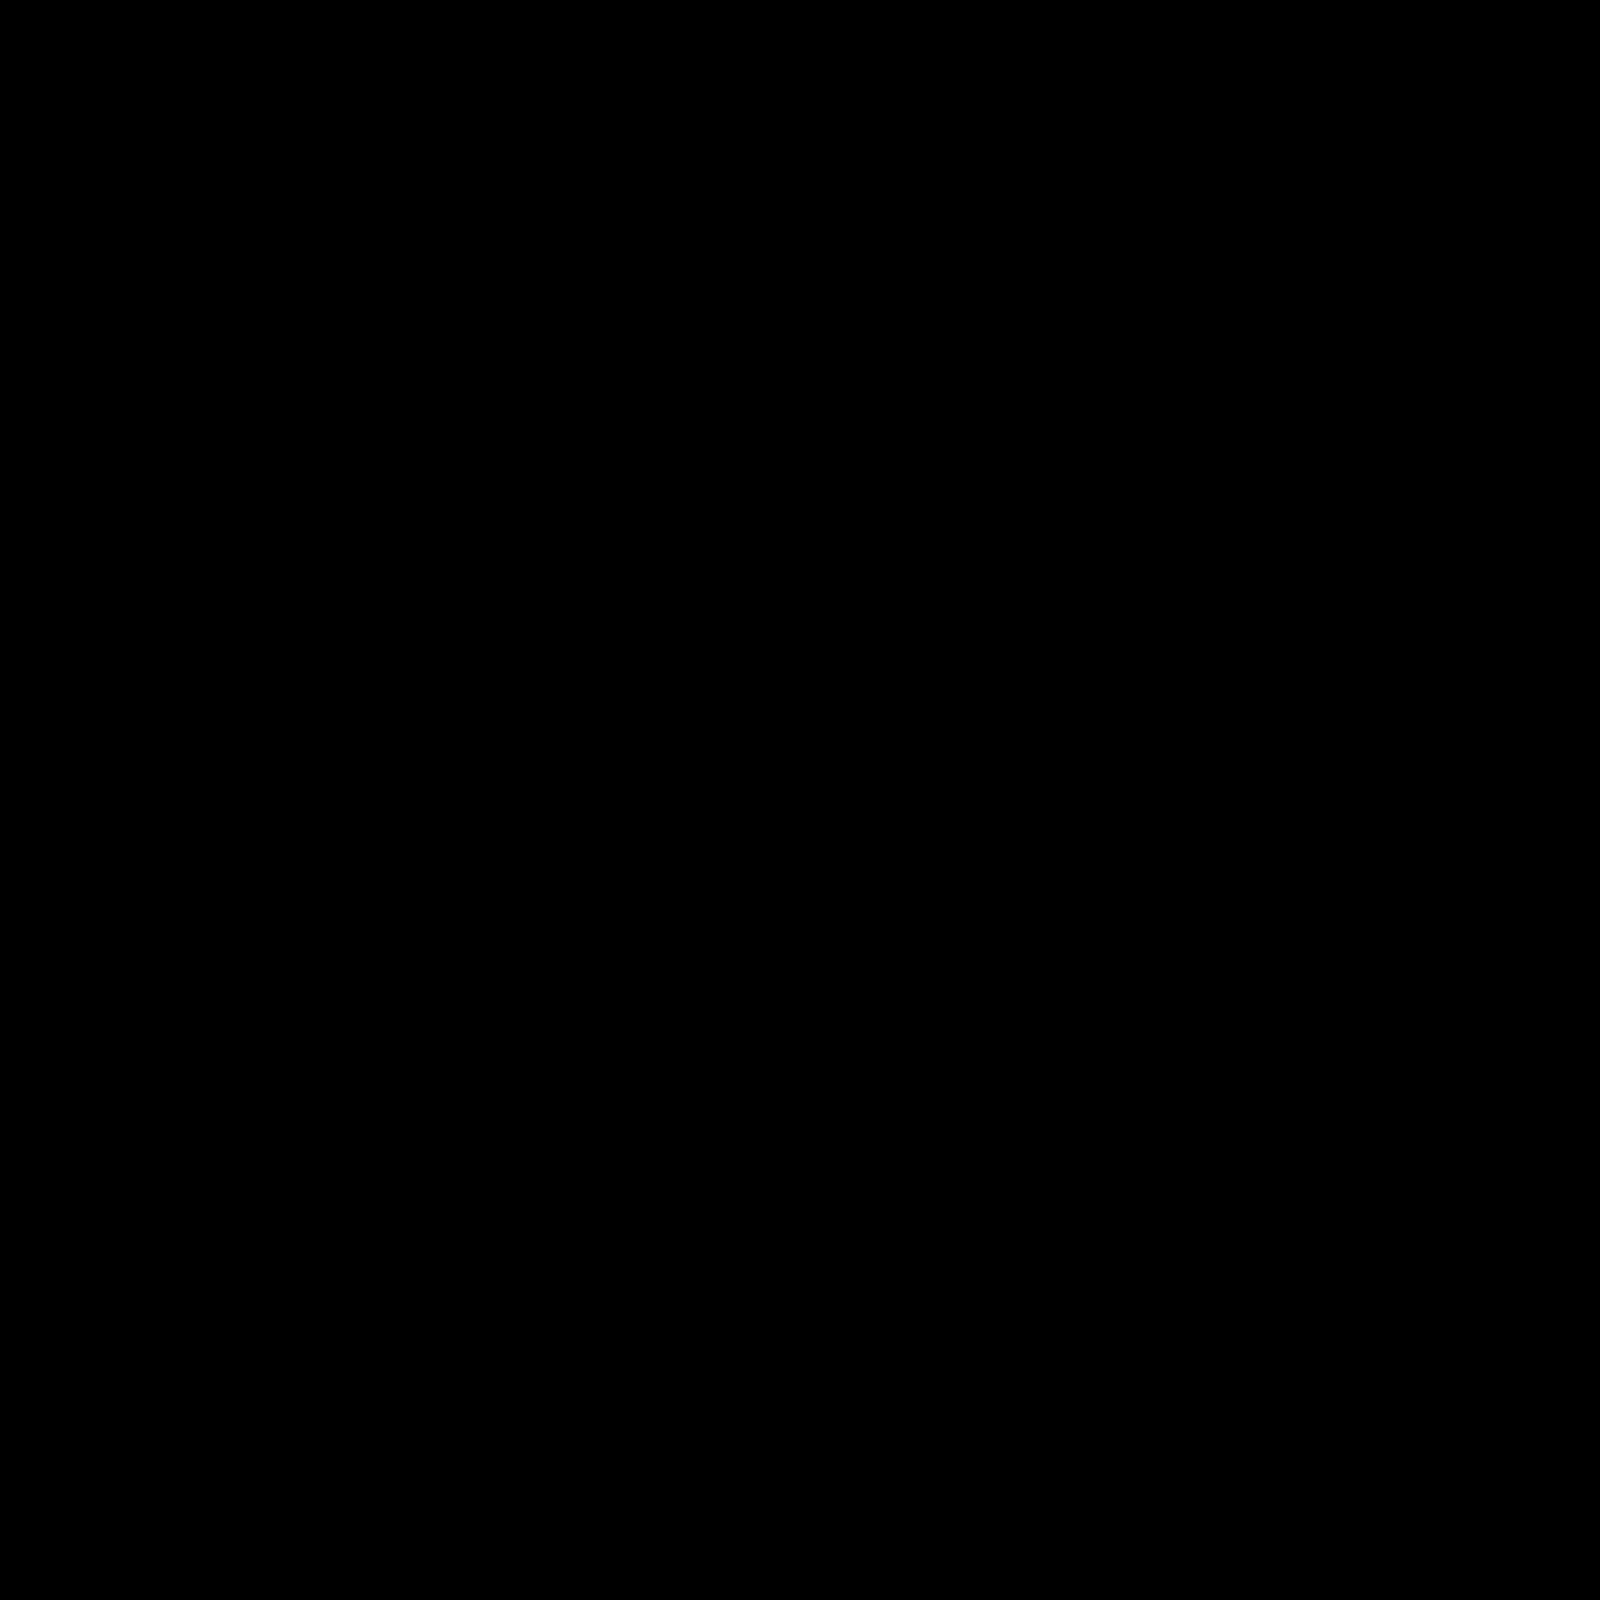 ОС Unix icon